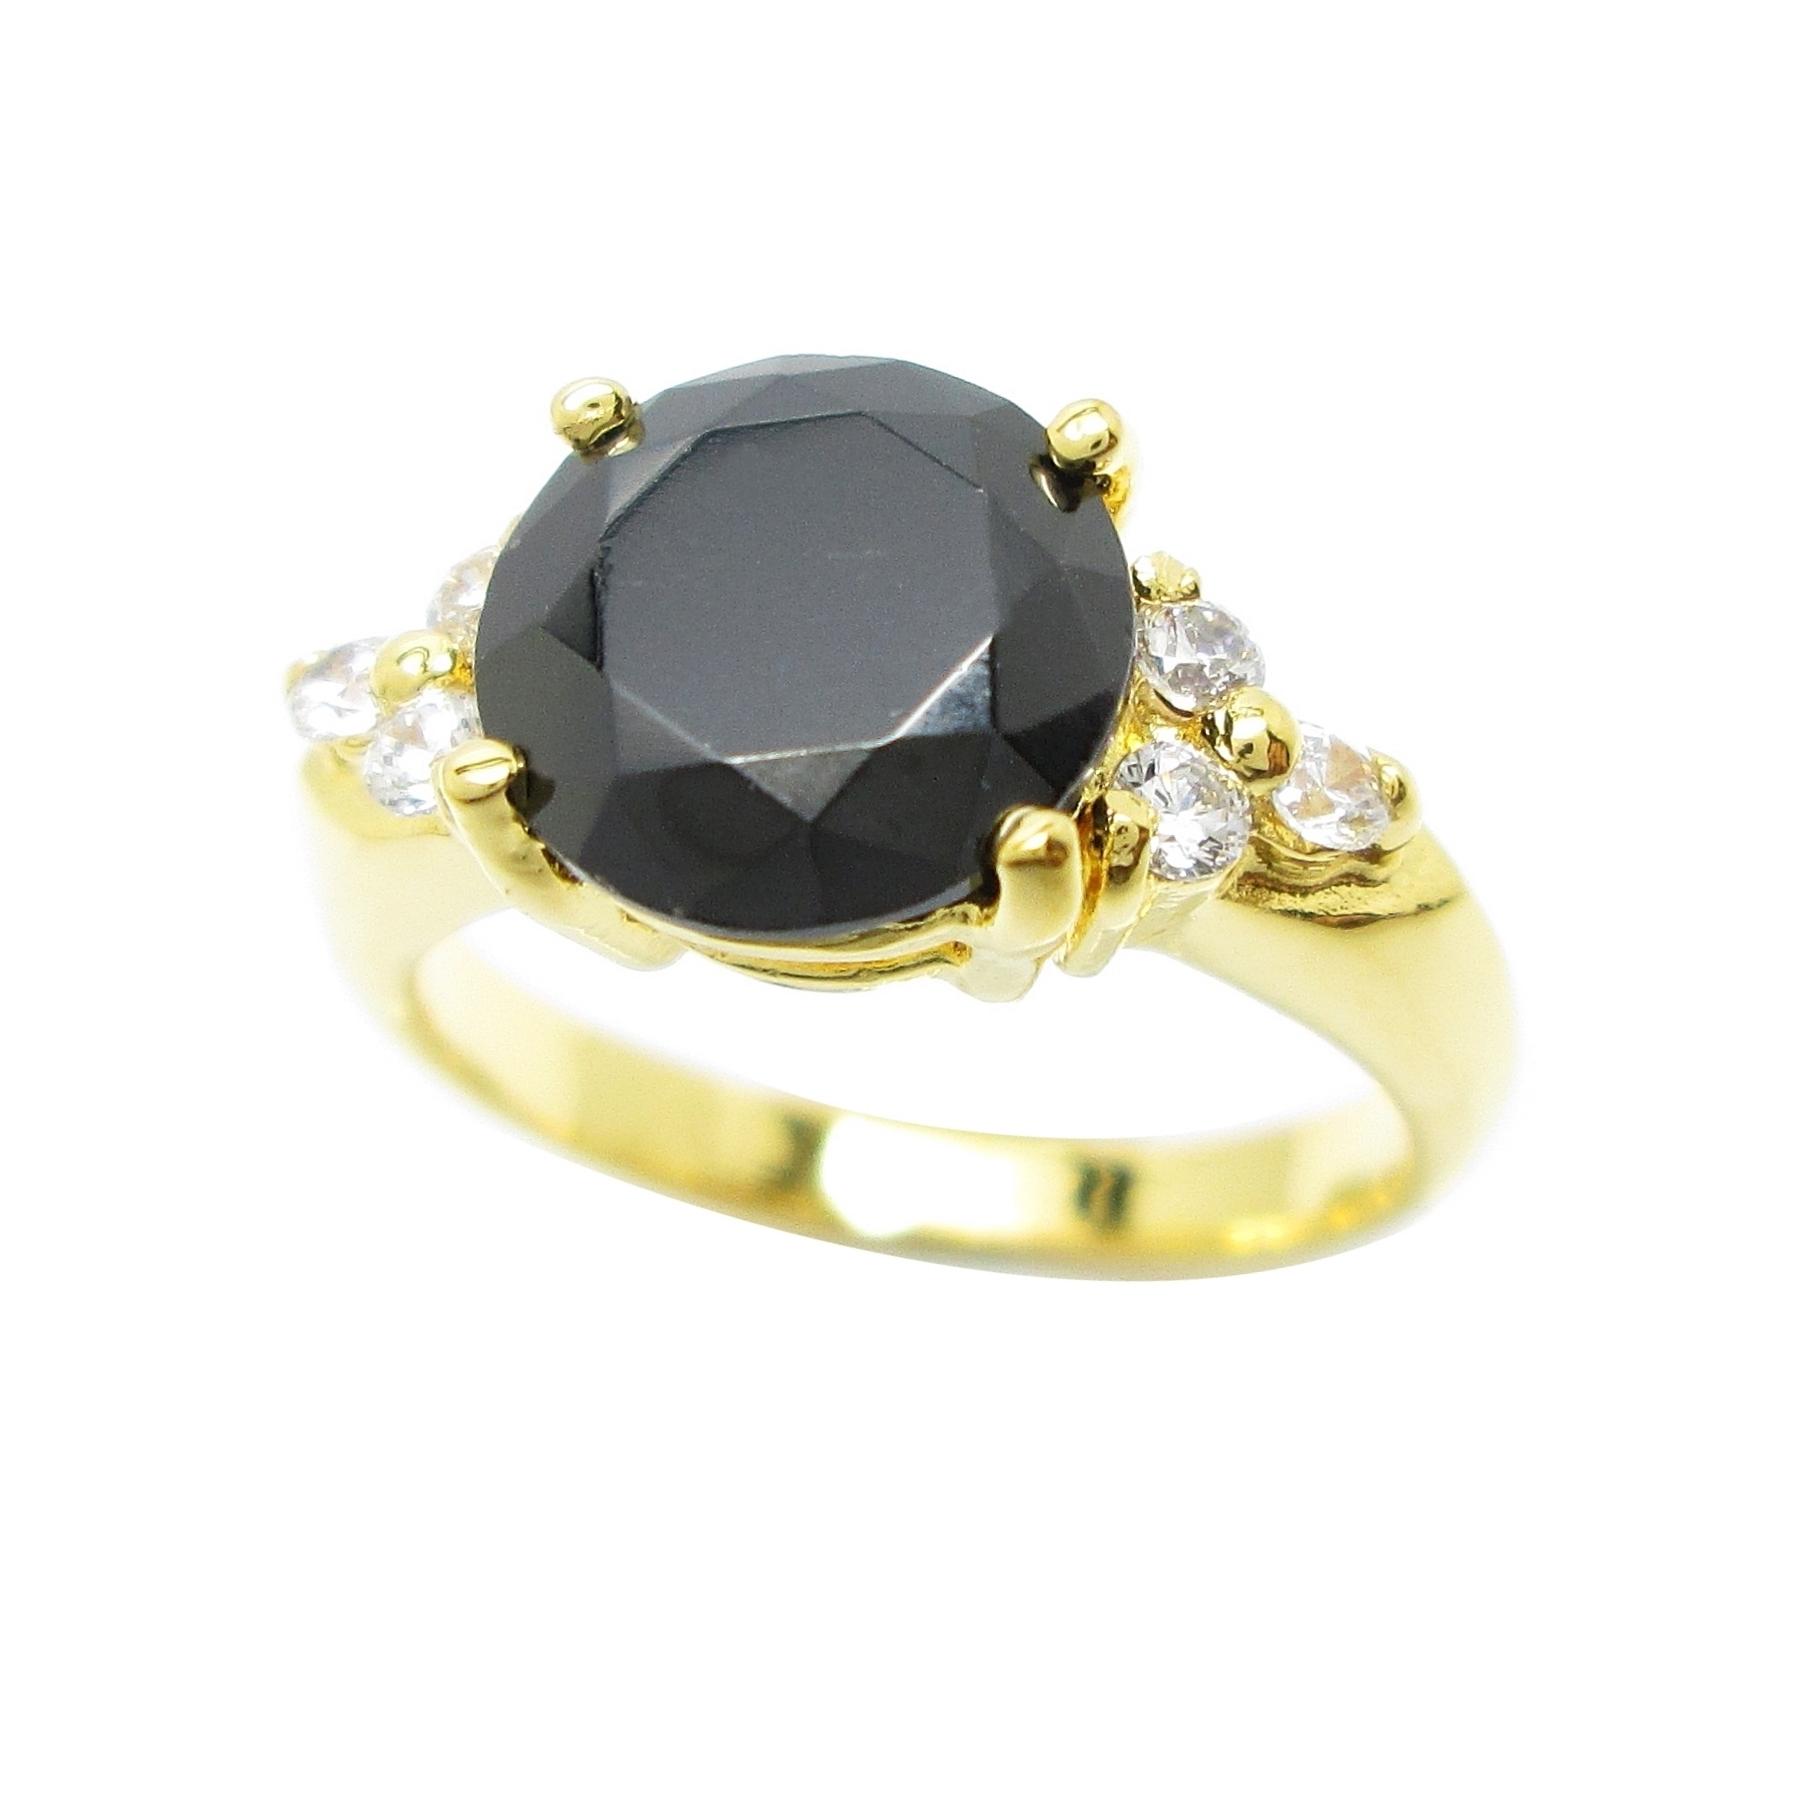 แหวนพลอยสีนิลประดับเพชรชุบทอง